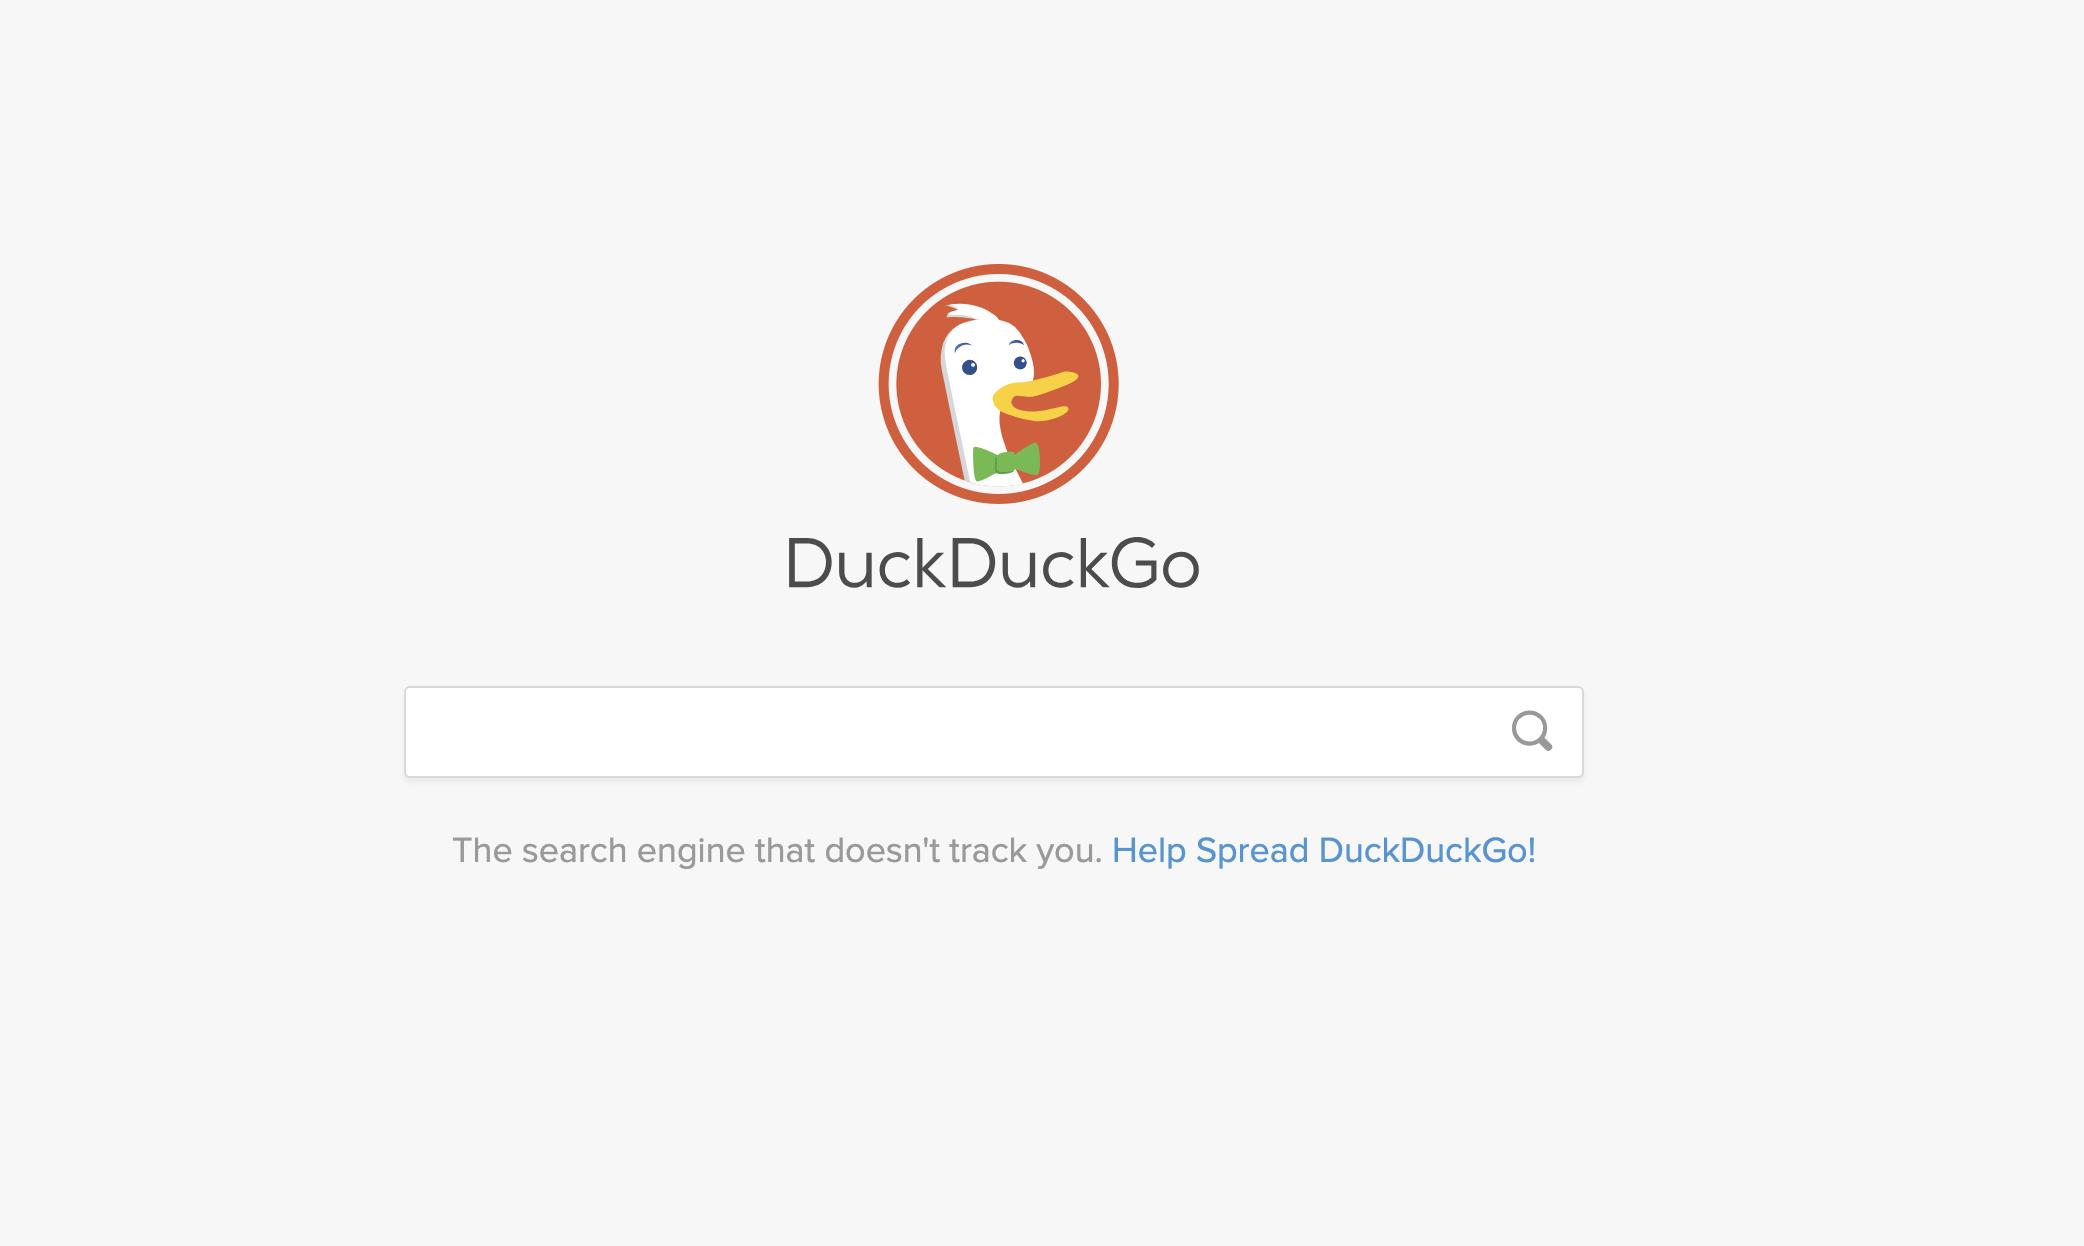 موتور جستجو duckduckgo